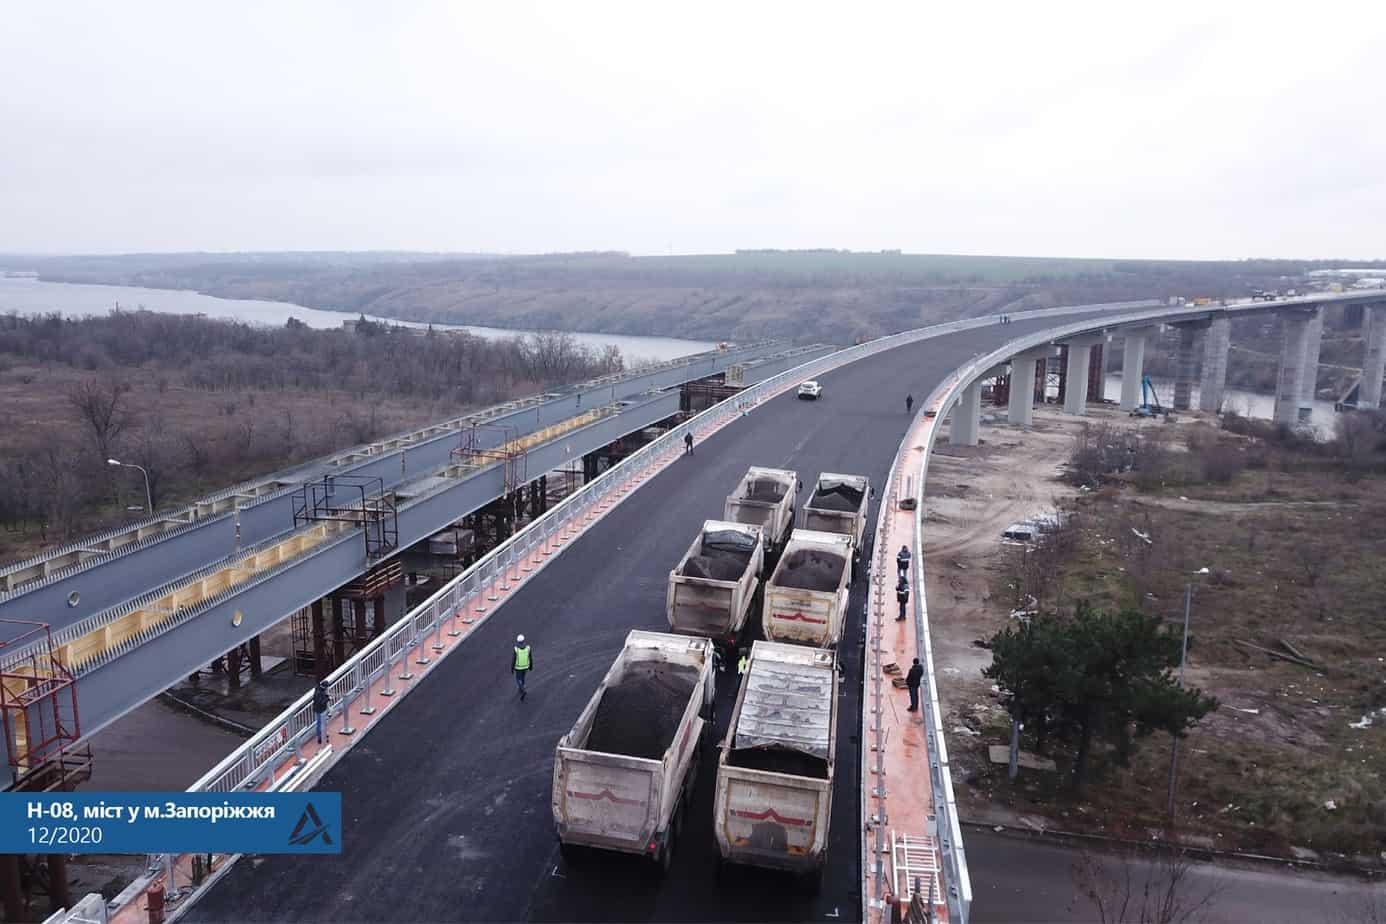 Частково рух Запорізьким мостом планується відкрити вже до кінця року